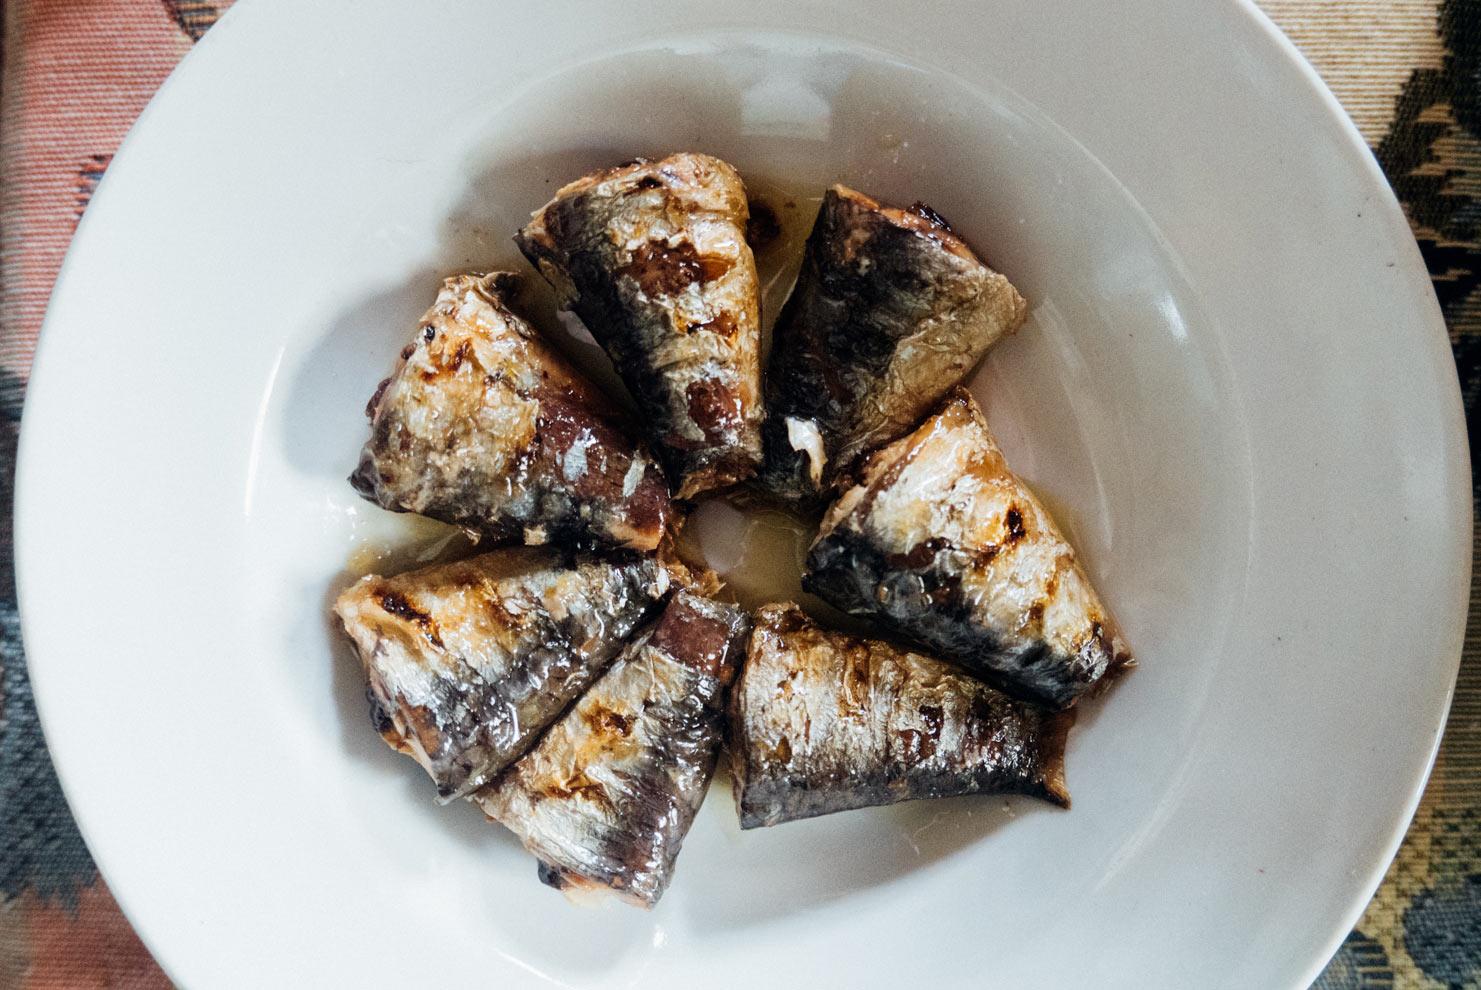 Güeyu Mar sardines